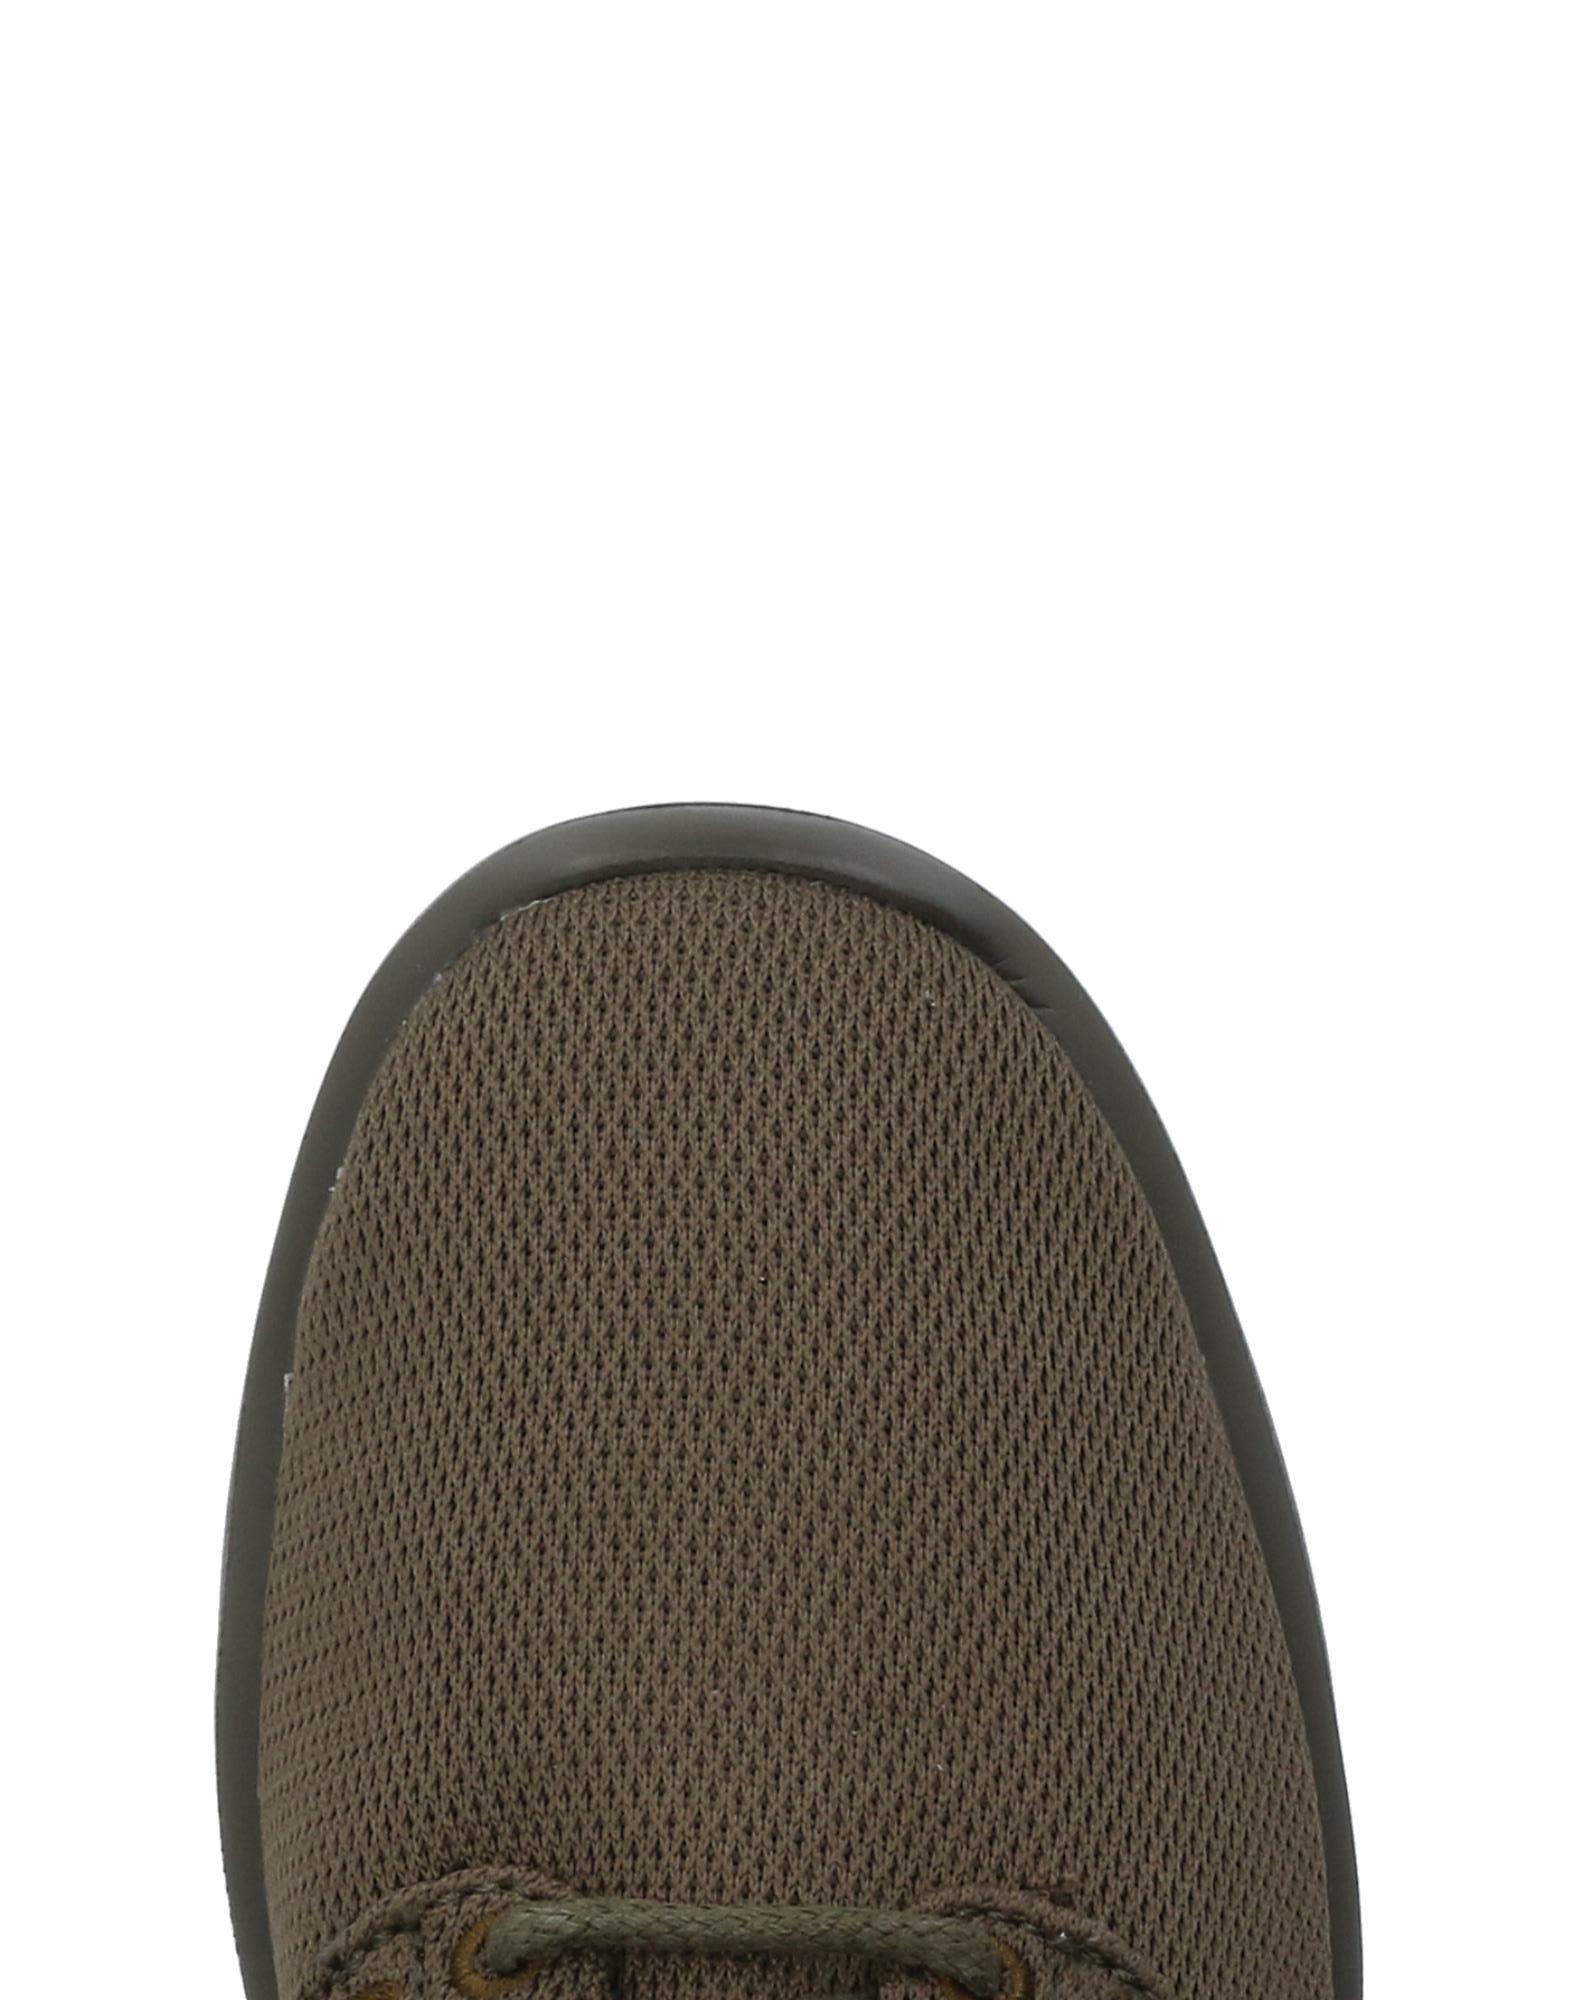 Vans Sneakers Damen  beliebte 11477598IR Gute Qualität beliebte  Schuhe a024d8